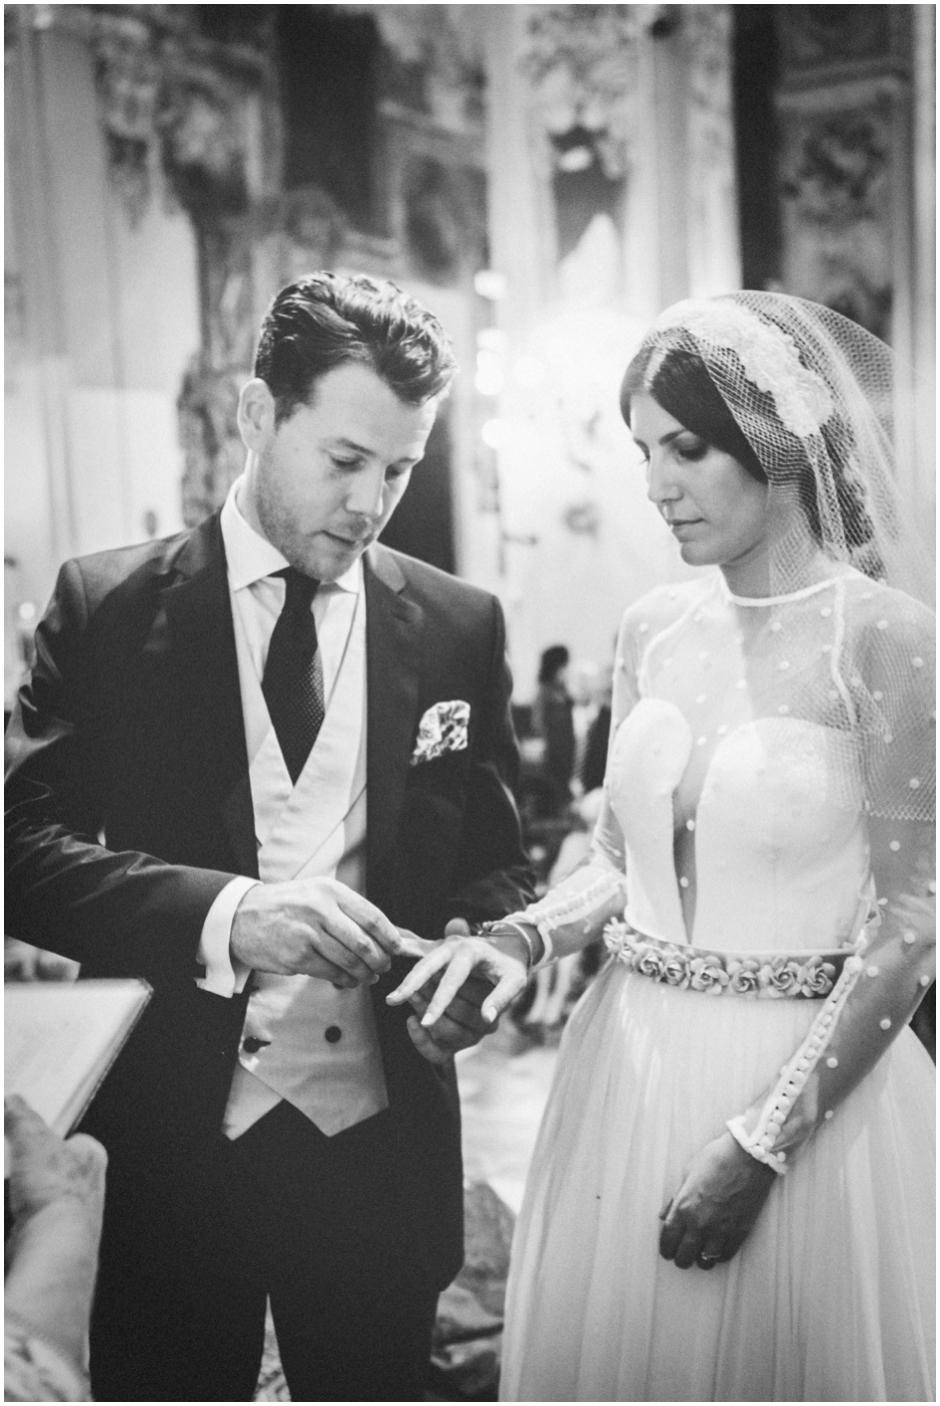 fotografo-de-bodas-sevilla-valencia-mallorca-jose-caballero-bodafilms11.jpg